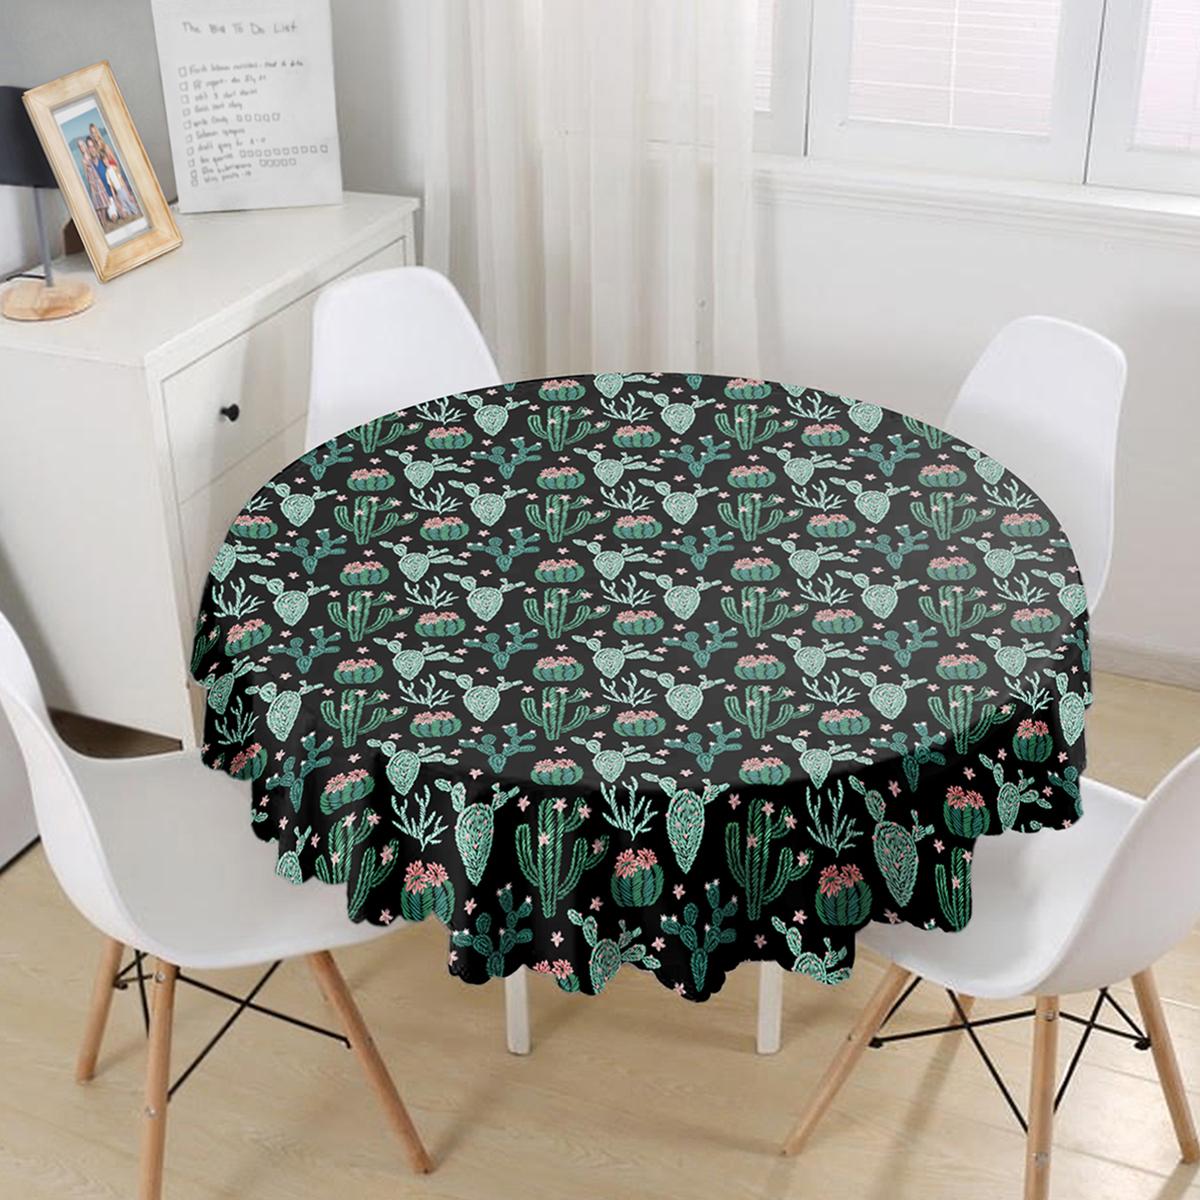 Siyah Zemin Üzerinde Yeşil Kaktüs Desenli Yuvarlak Masa Örtüsü - Çap 140cm Realhomes